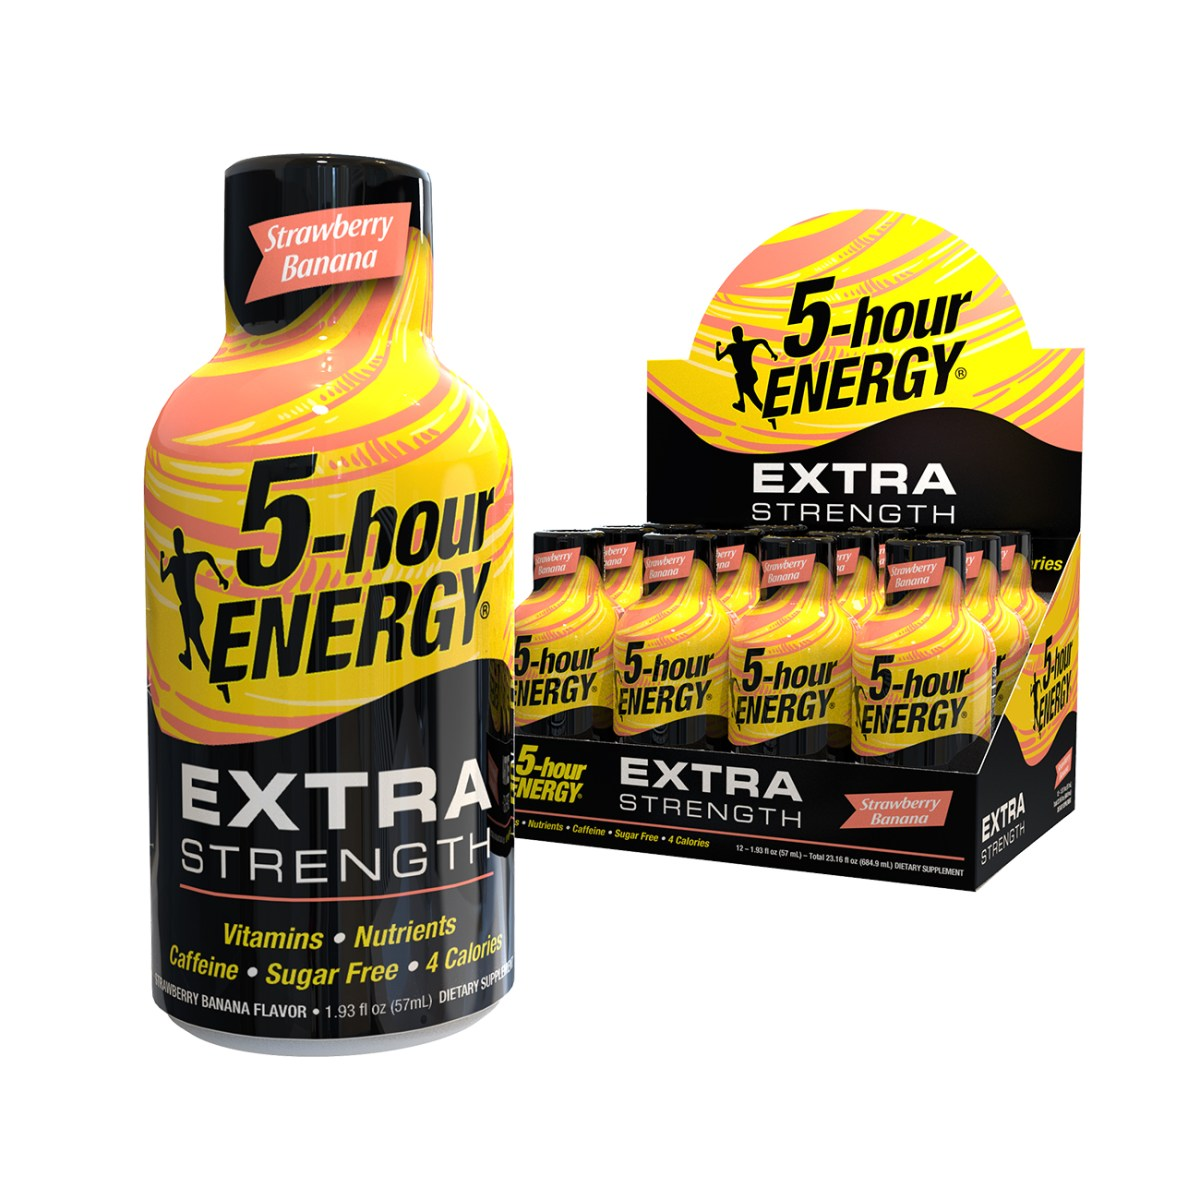 Strawberry Banana flavor Extra Strength 5-hour ENERGY® Shots